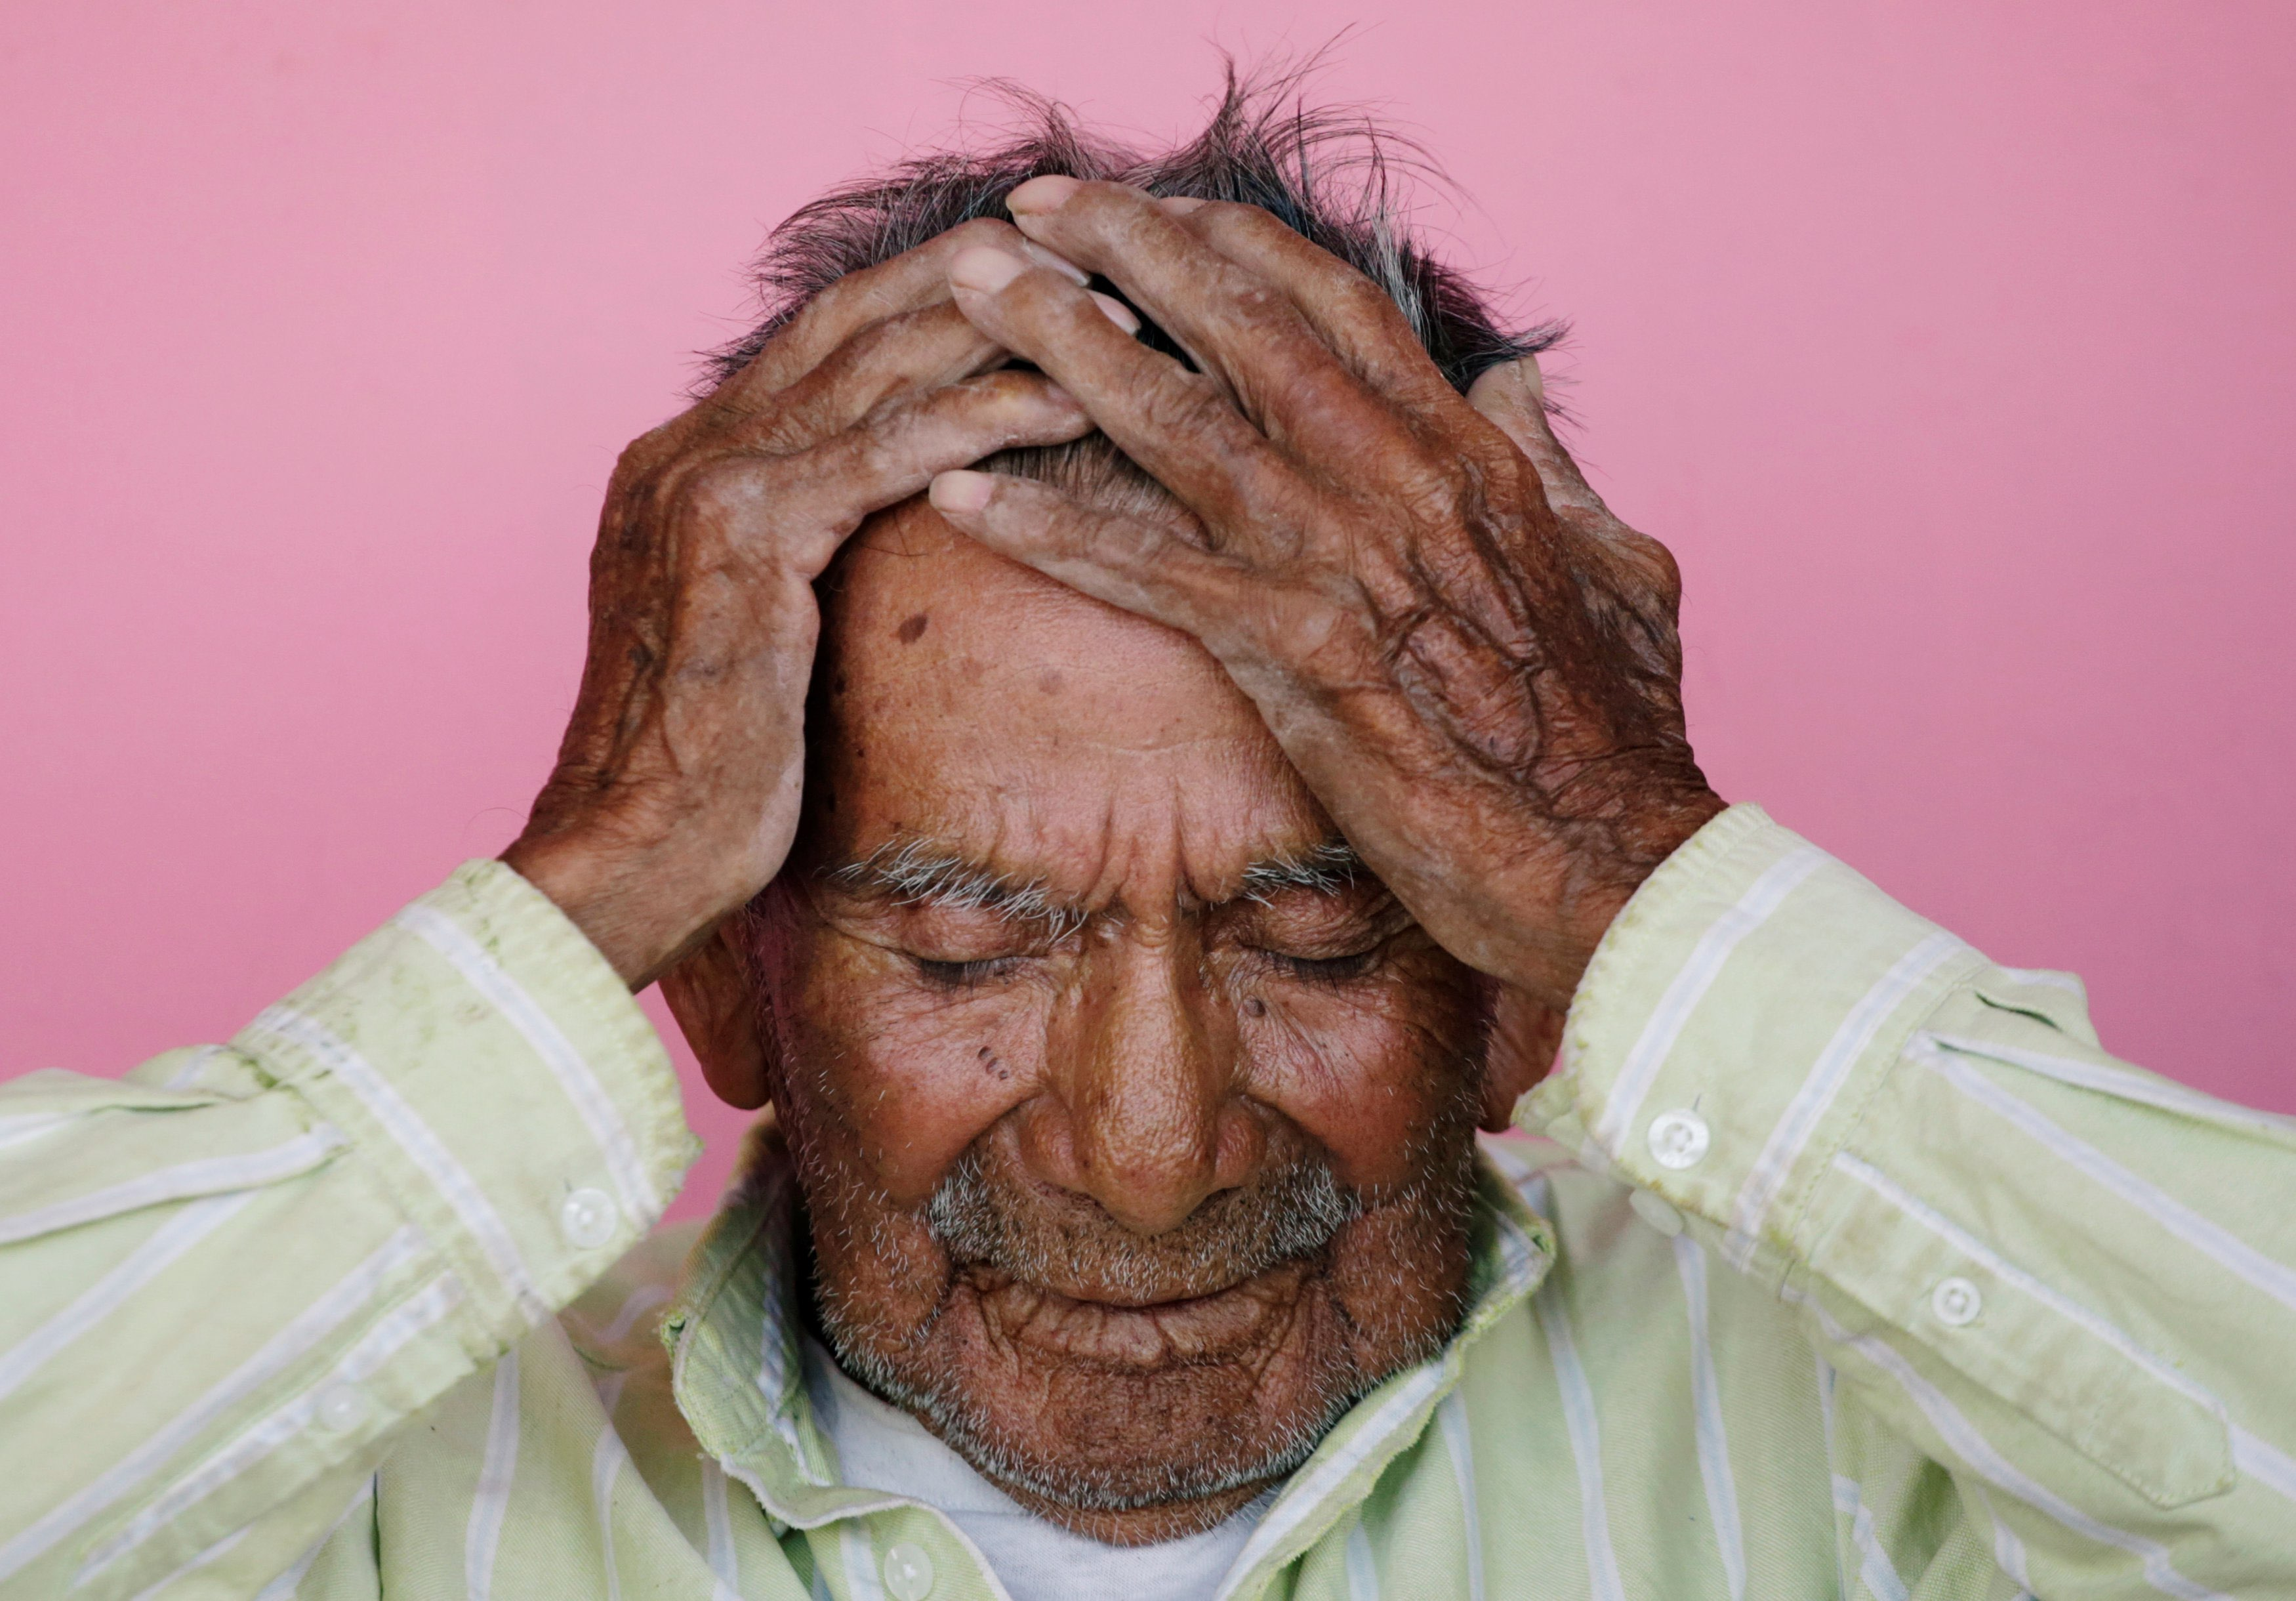 ancianos-tercera-edad-viejos-mexico-discriminacion-etarismo